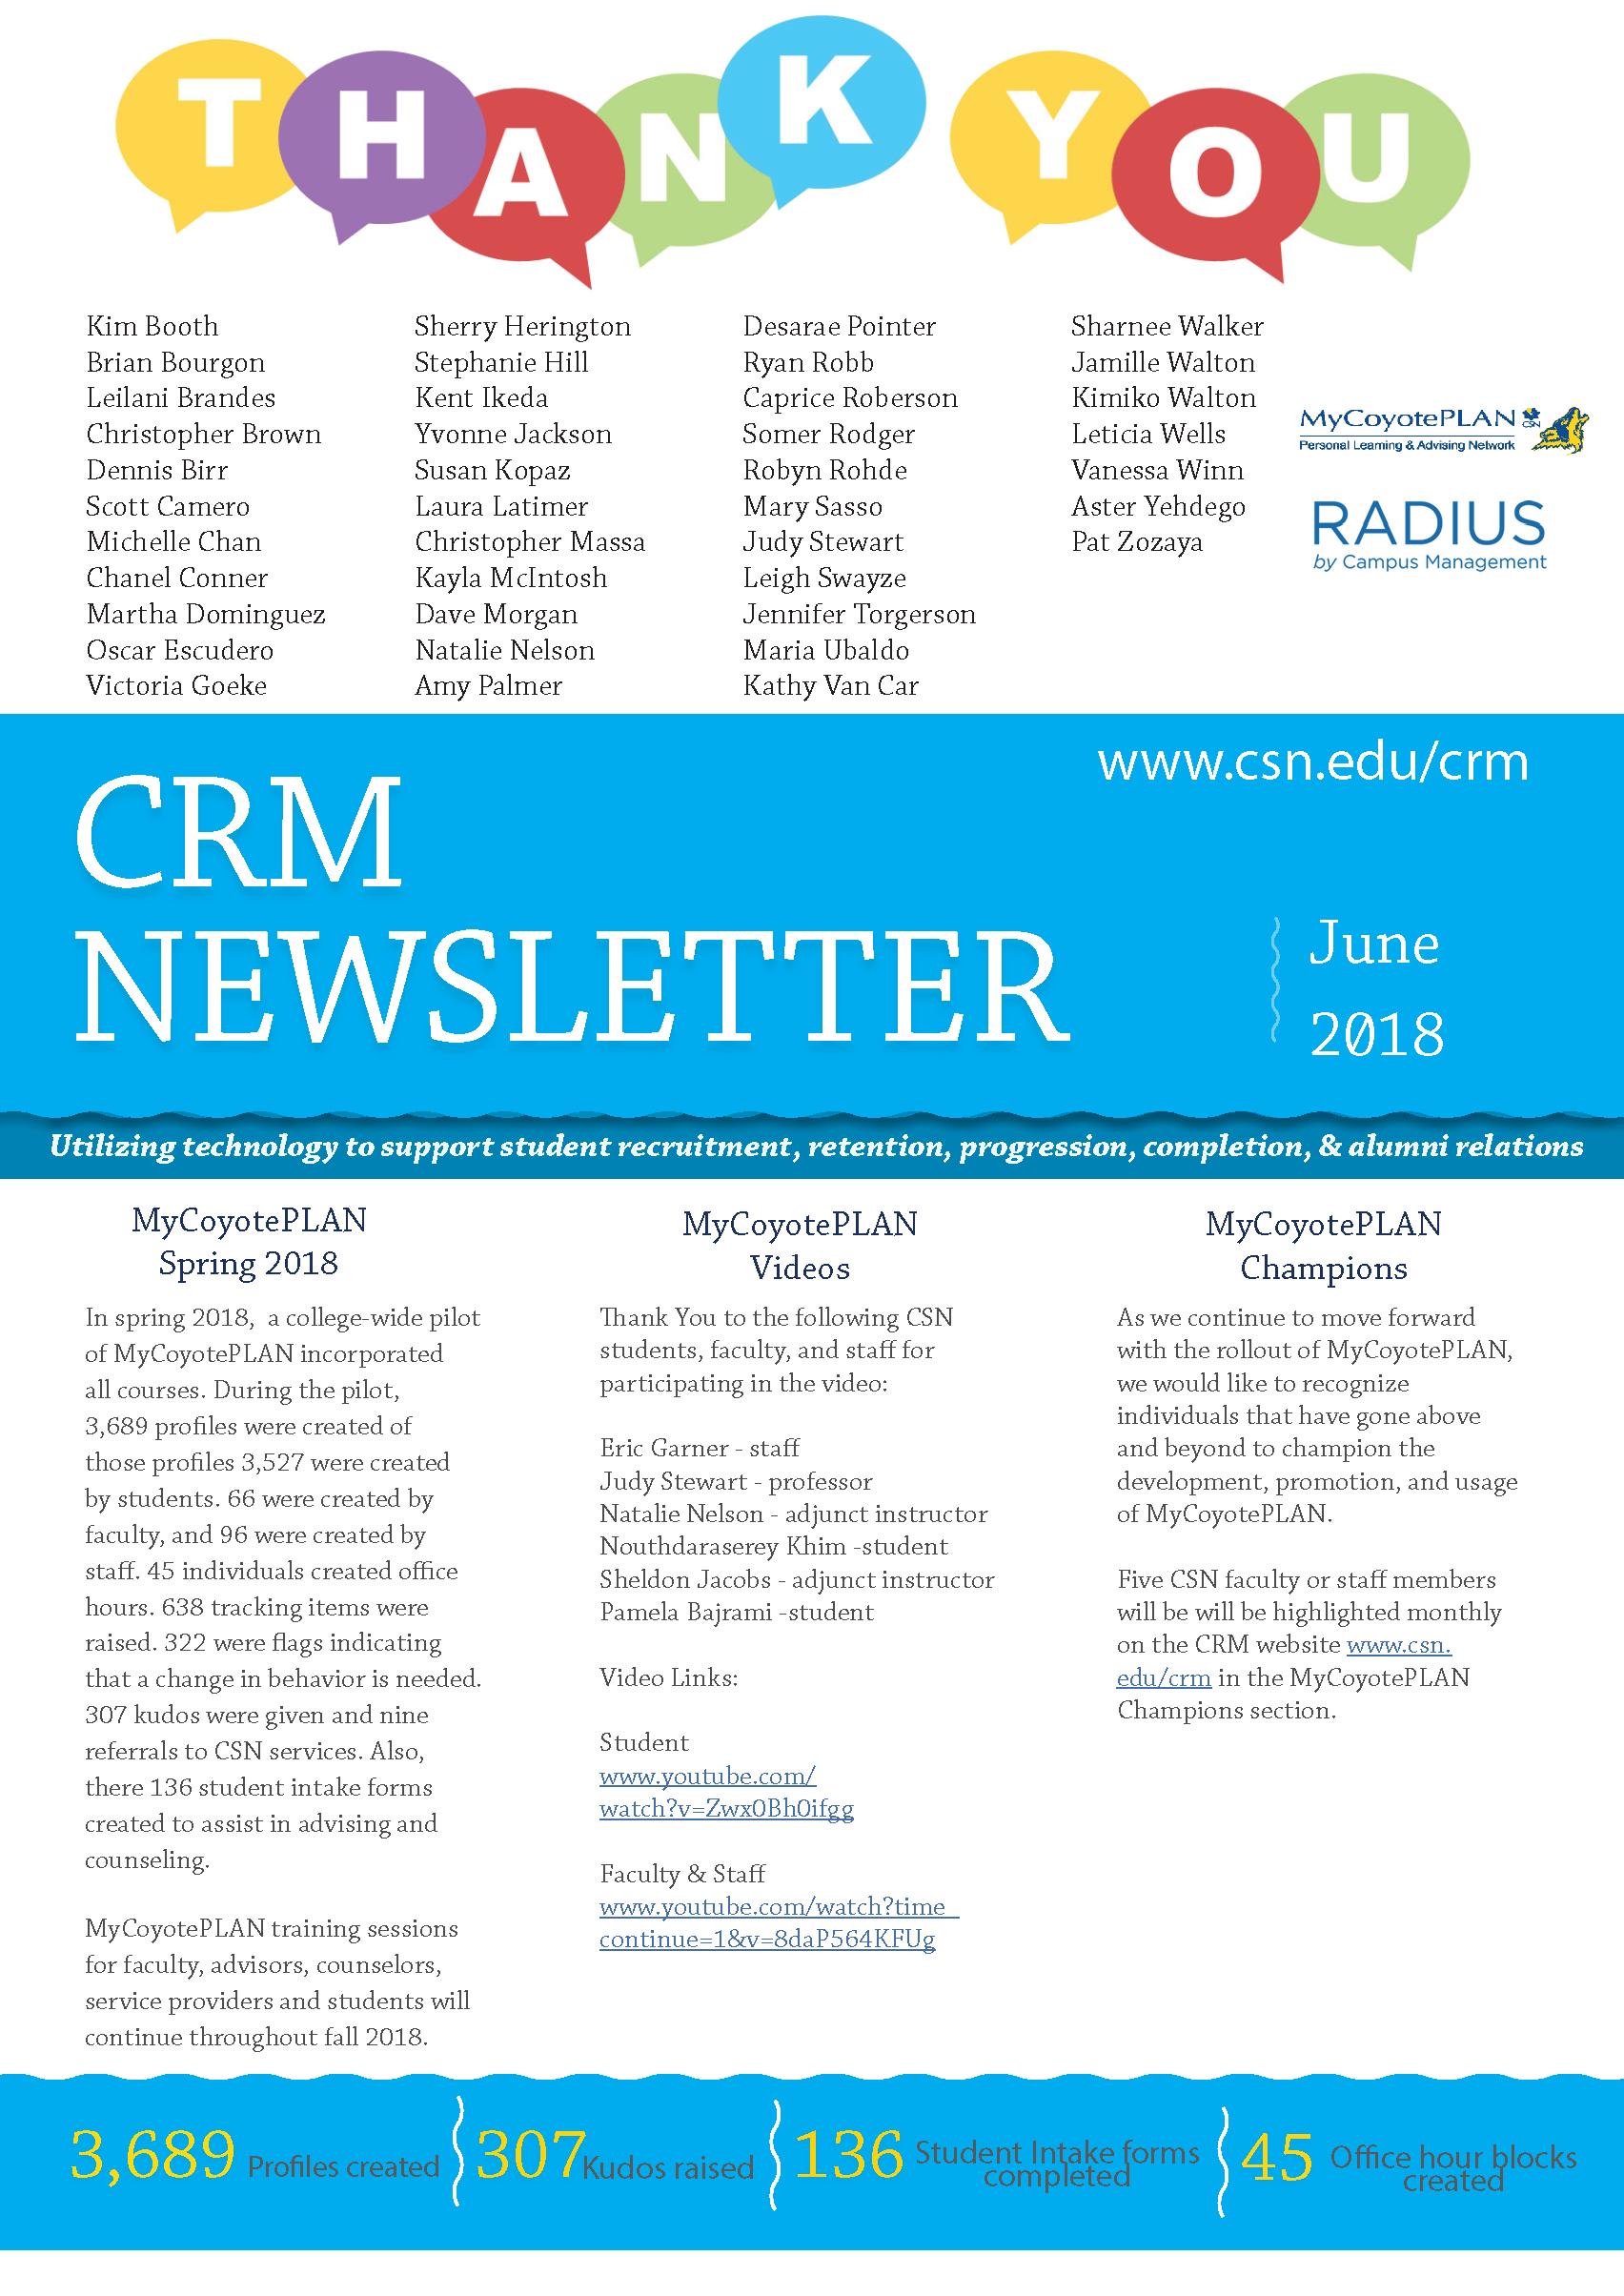 June 2018 CRM Newsletter